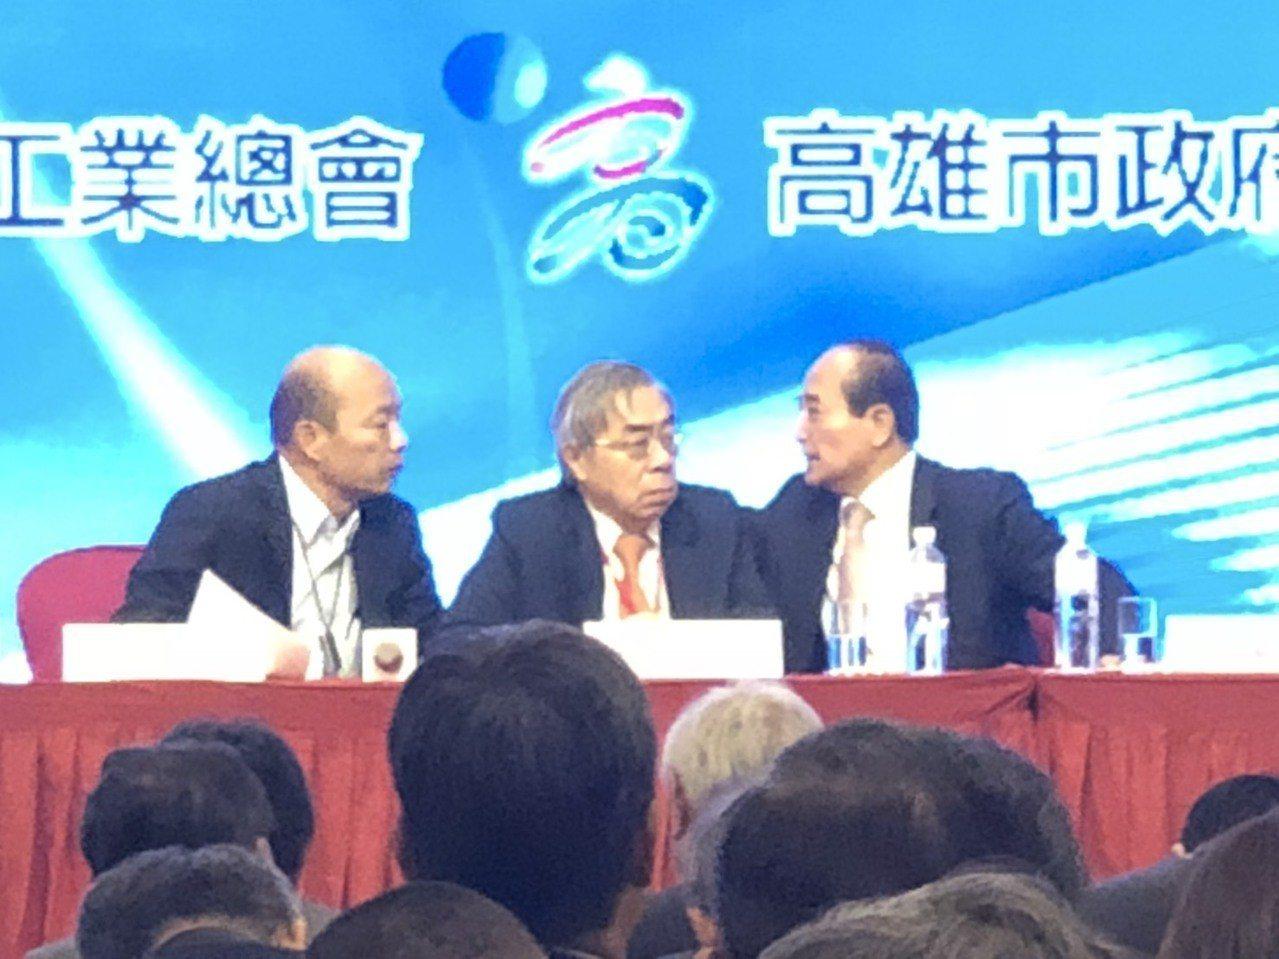 工總理事長王文淵(中)率團訪高雄,與高雄市長韓國瑜(左)會面。 記者林政鋒/攝影